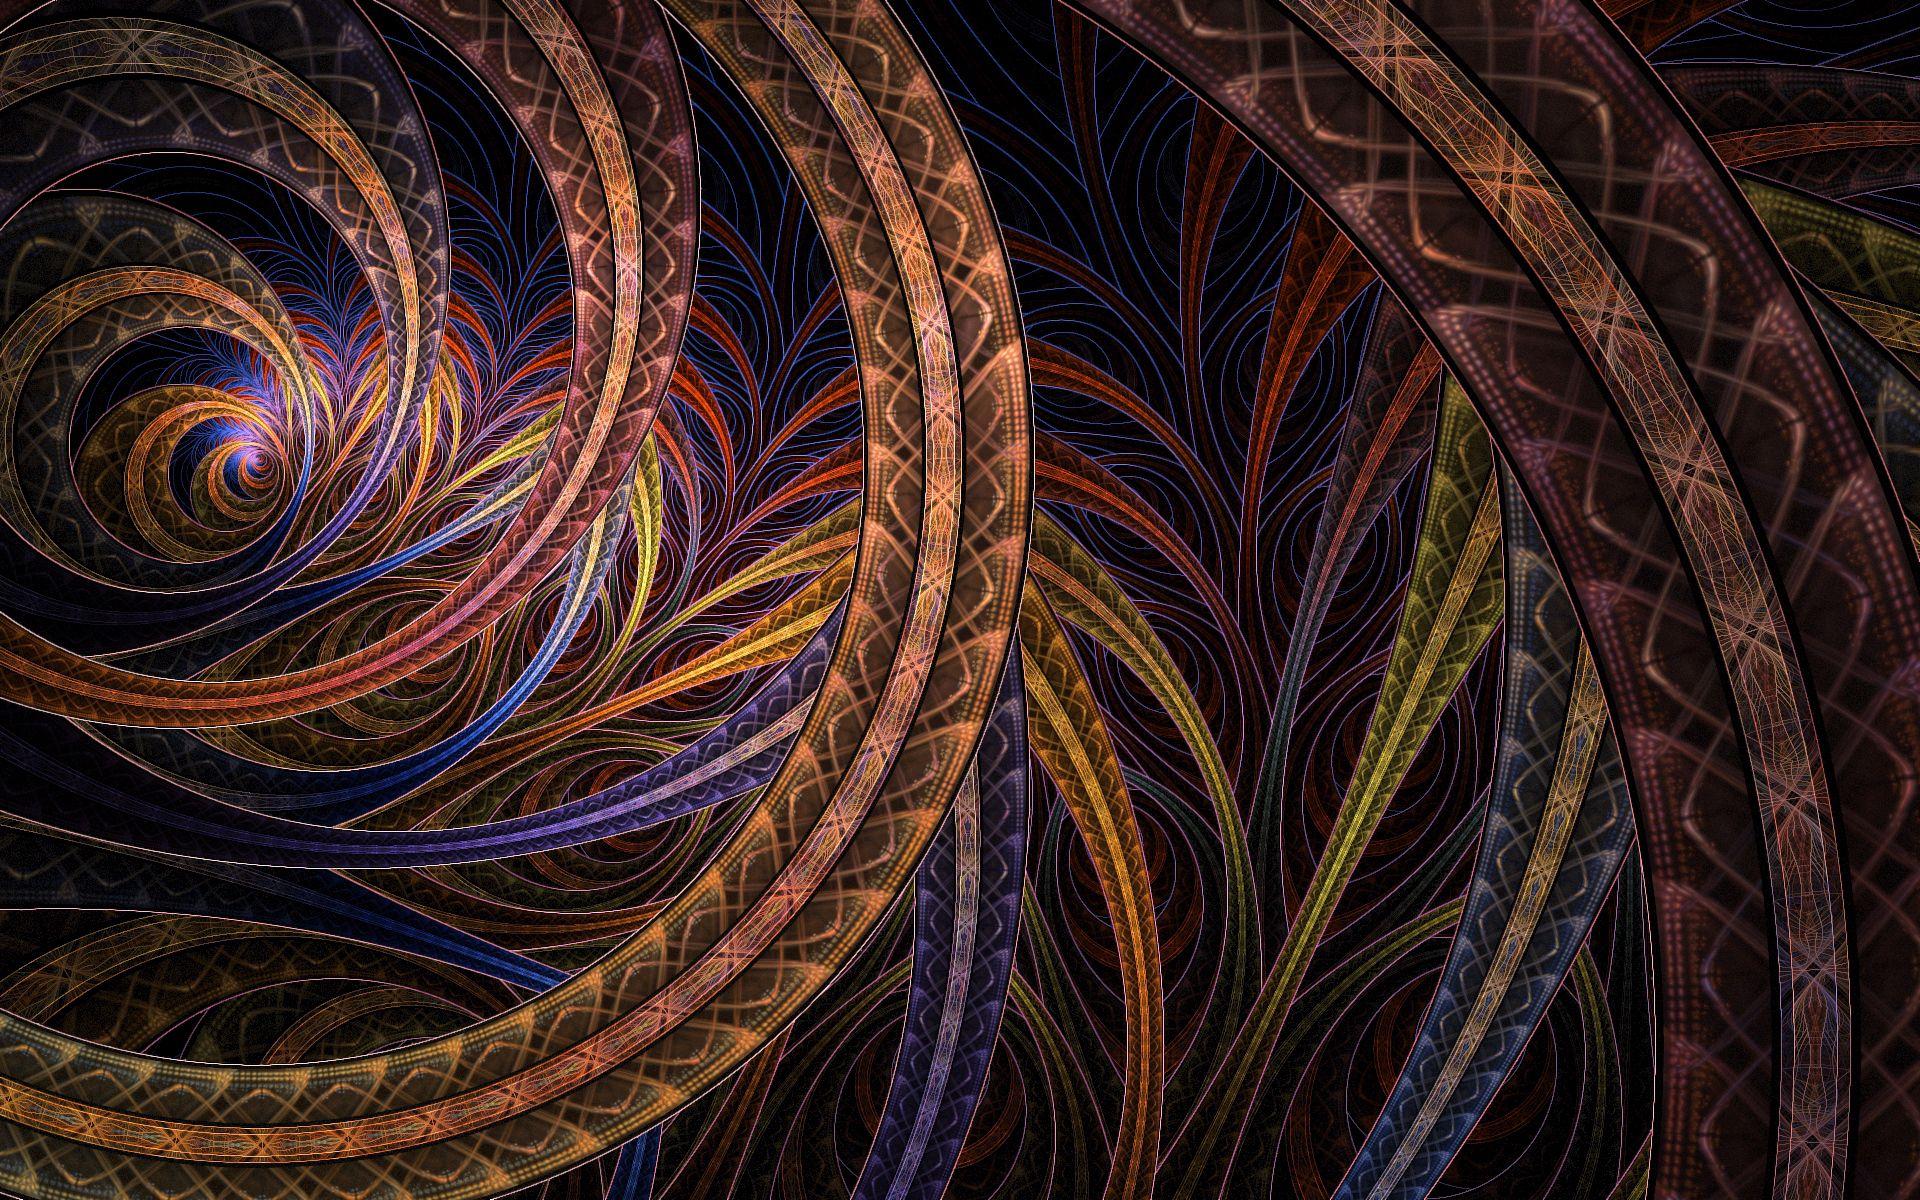 53479 Hintergrundbild herunterladen Kreise, Abstrakt, Patterns, Dunkel, Scheinen, Licht - Bildschirmschoner und Bilder kostenlos